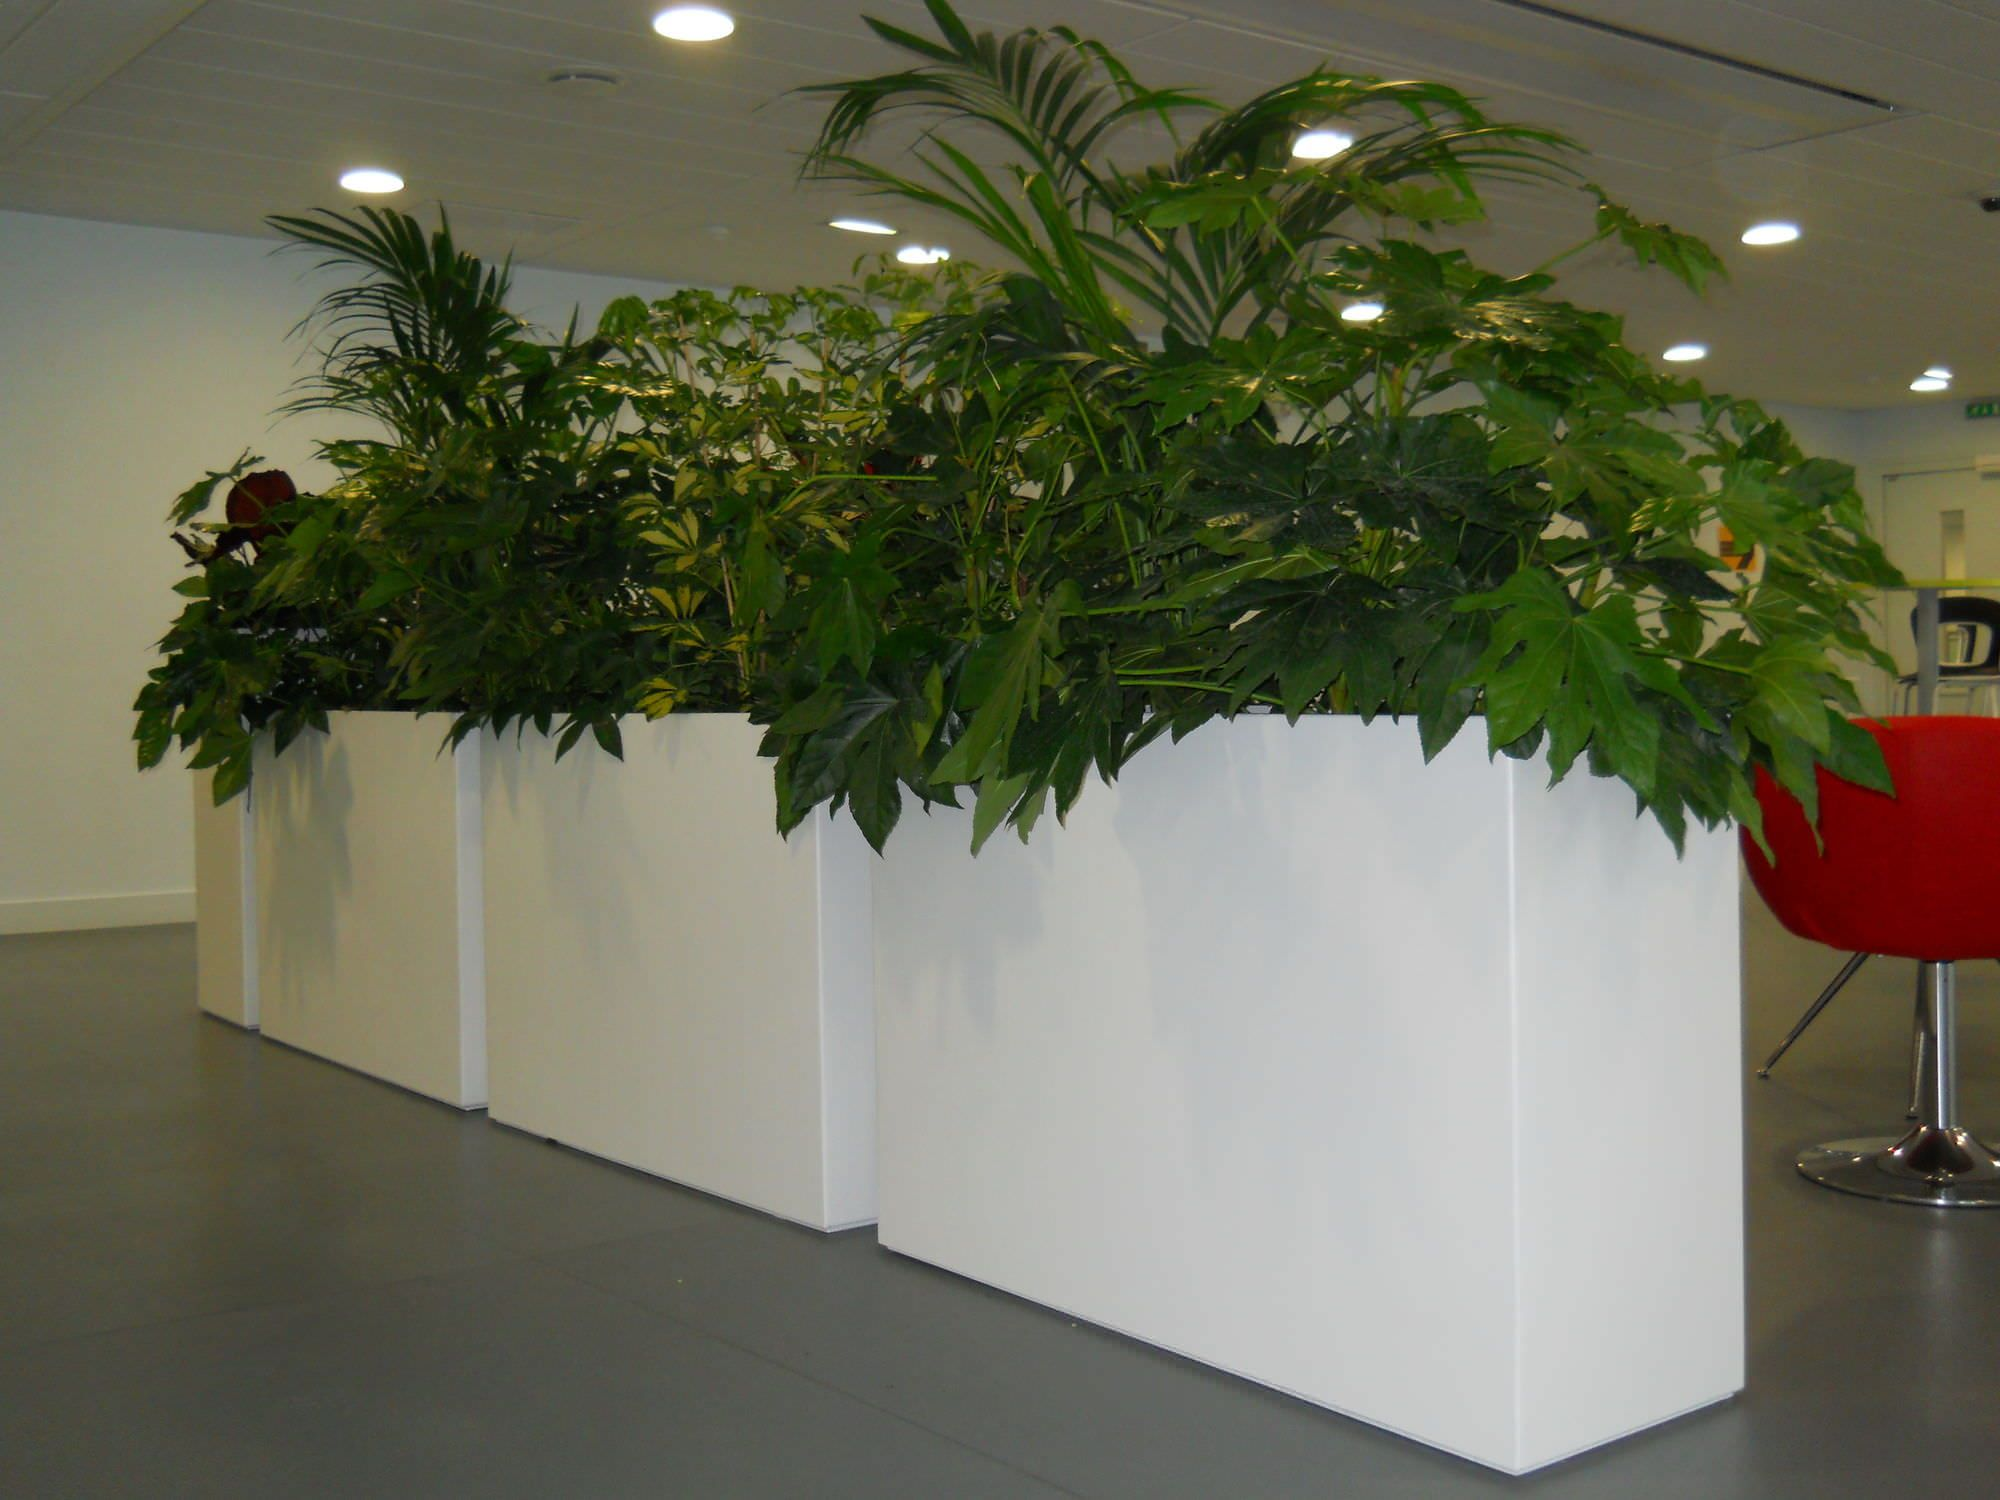 Contemporary Planter Composite Rectangular For Public Buildings Ich40h80 Ich40h100 Et Irm120 House Plant Pots Indoor Plant Pots Contemporary Planters